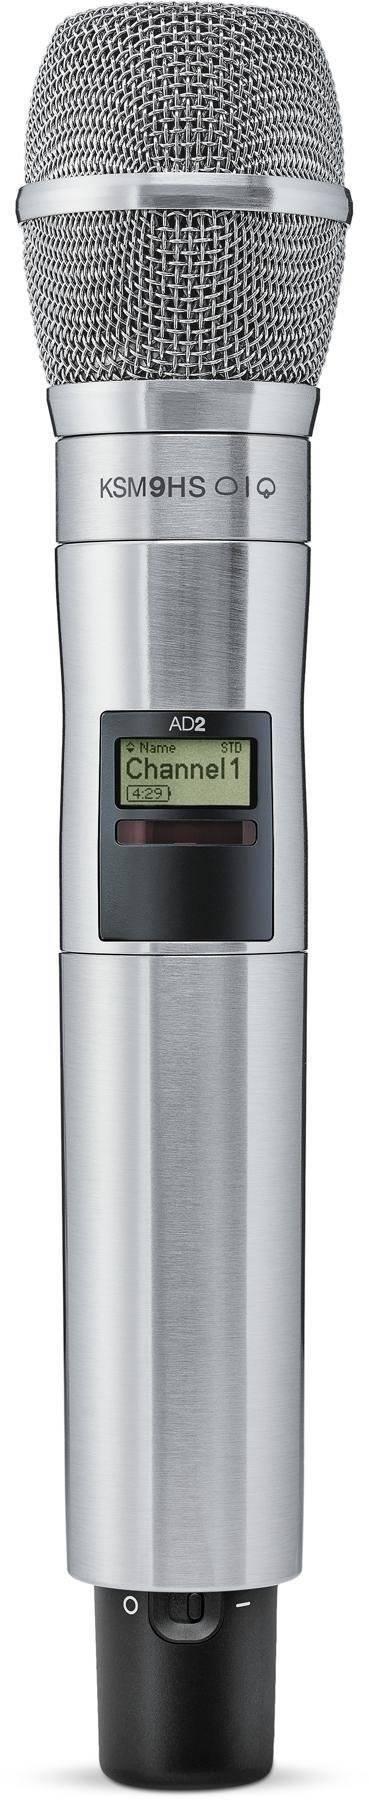 Transmisor de mano Axient Digital, con KSM9, Hipercard/Subcard, Níquel